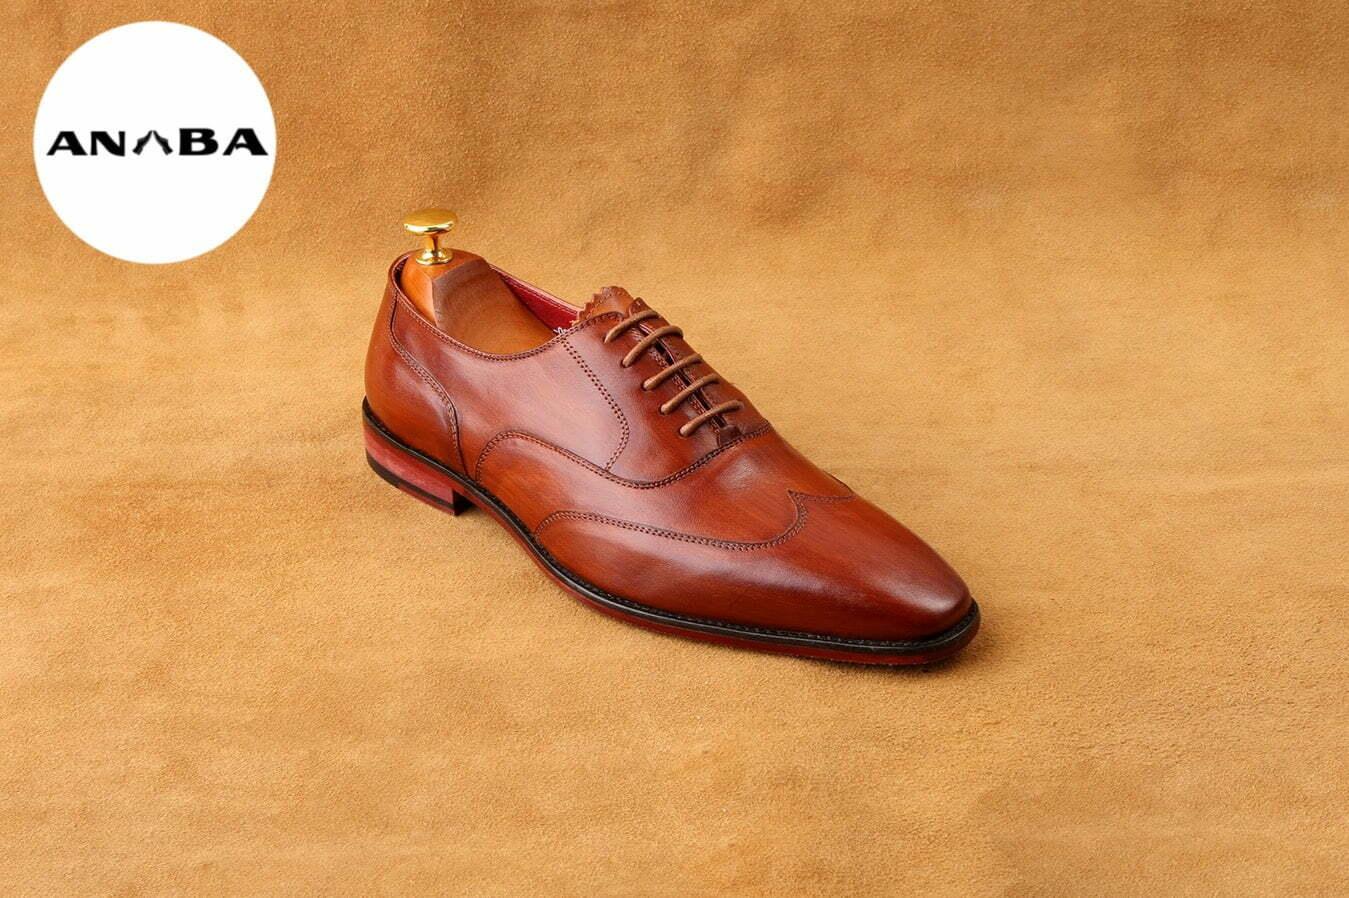 Bên cạnh đó, còn rất nhiều nguyên nhân khiến giày nam da thật dễ bị hư hỏng như: giày ẩm ướt không được phơi khô. Không vệ sinh giày đúng cách, sử dụng hoá chất làm hư da giày,...